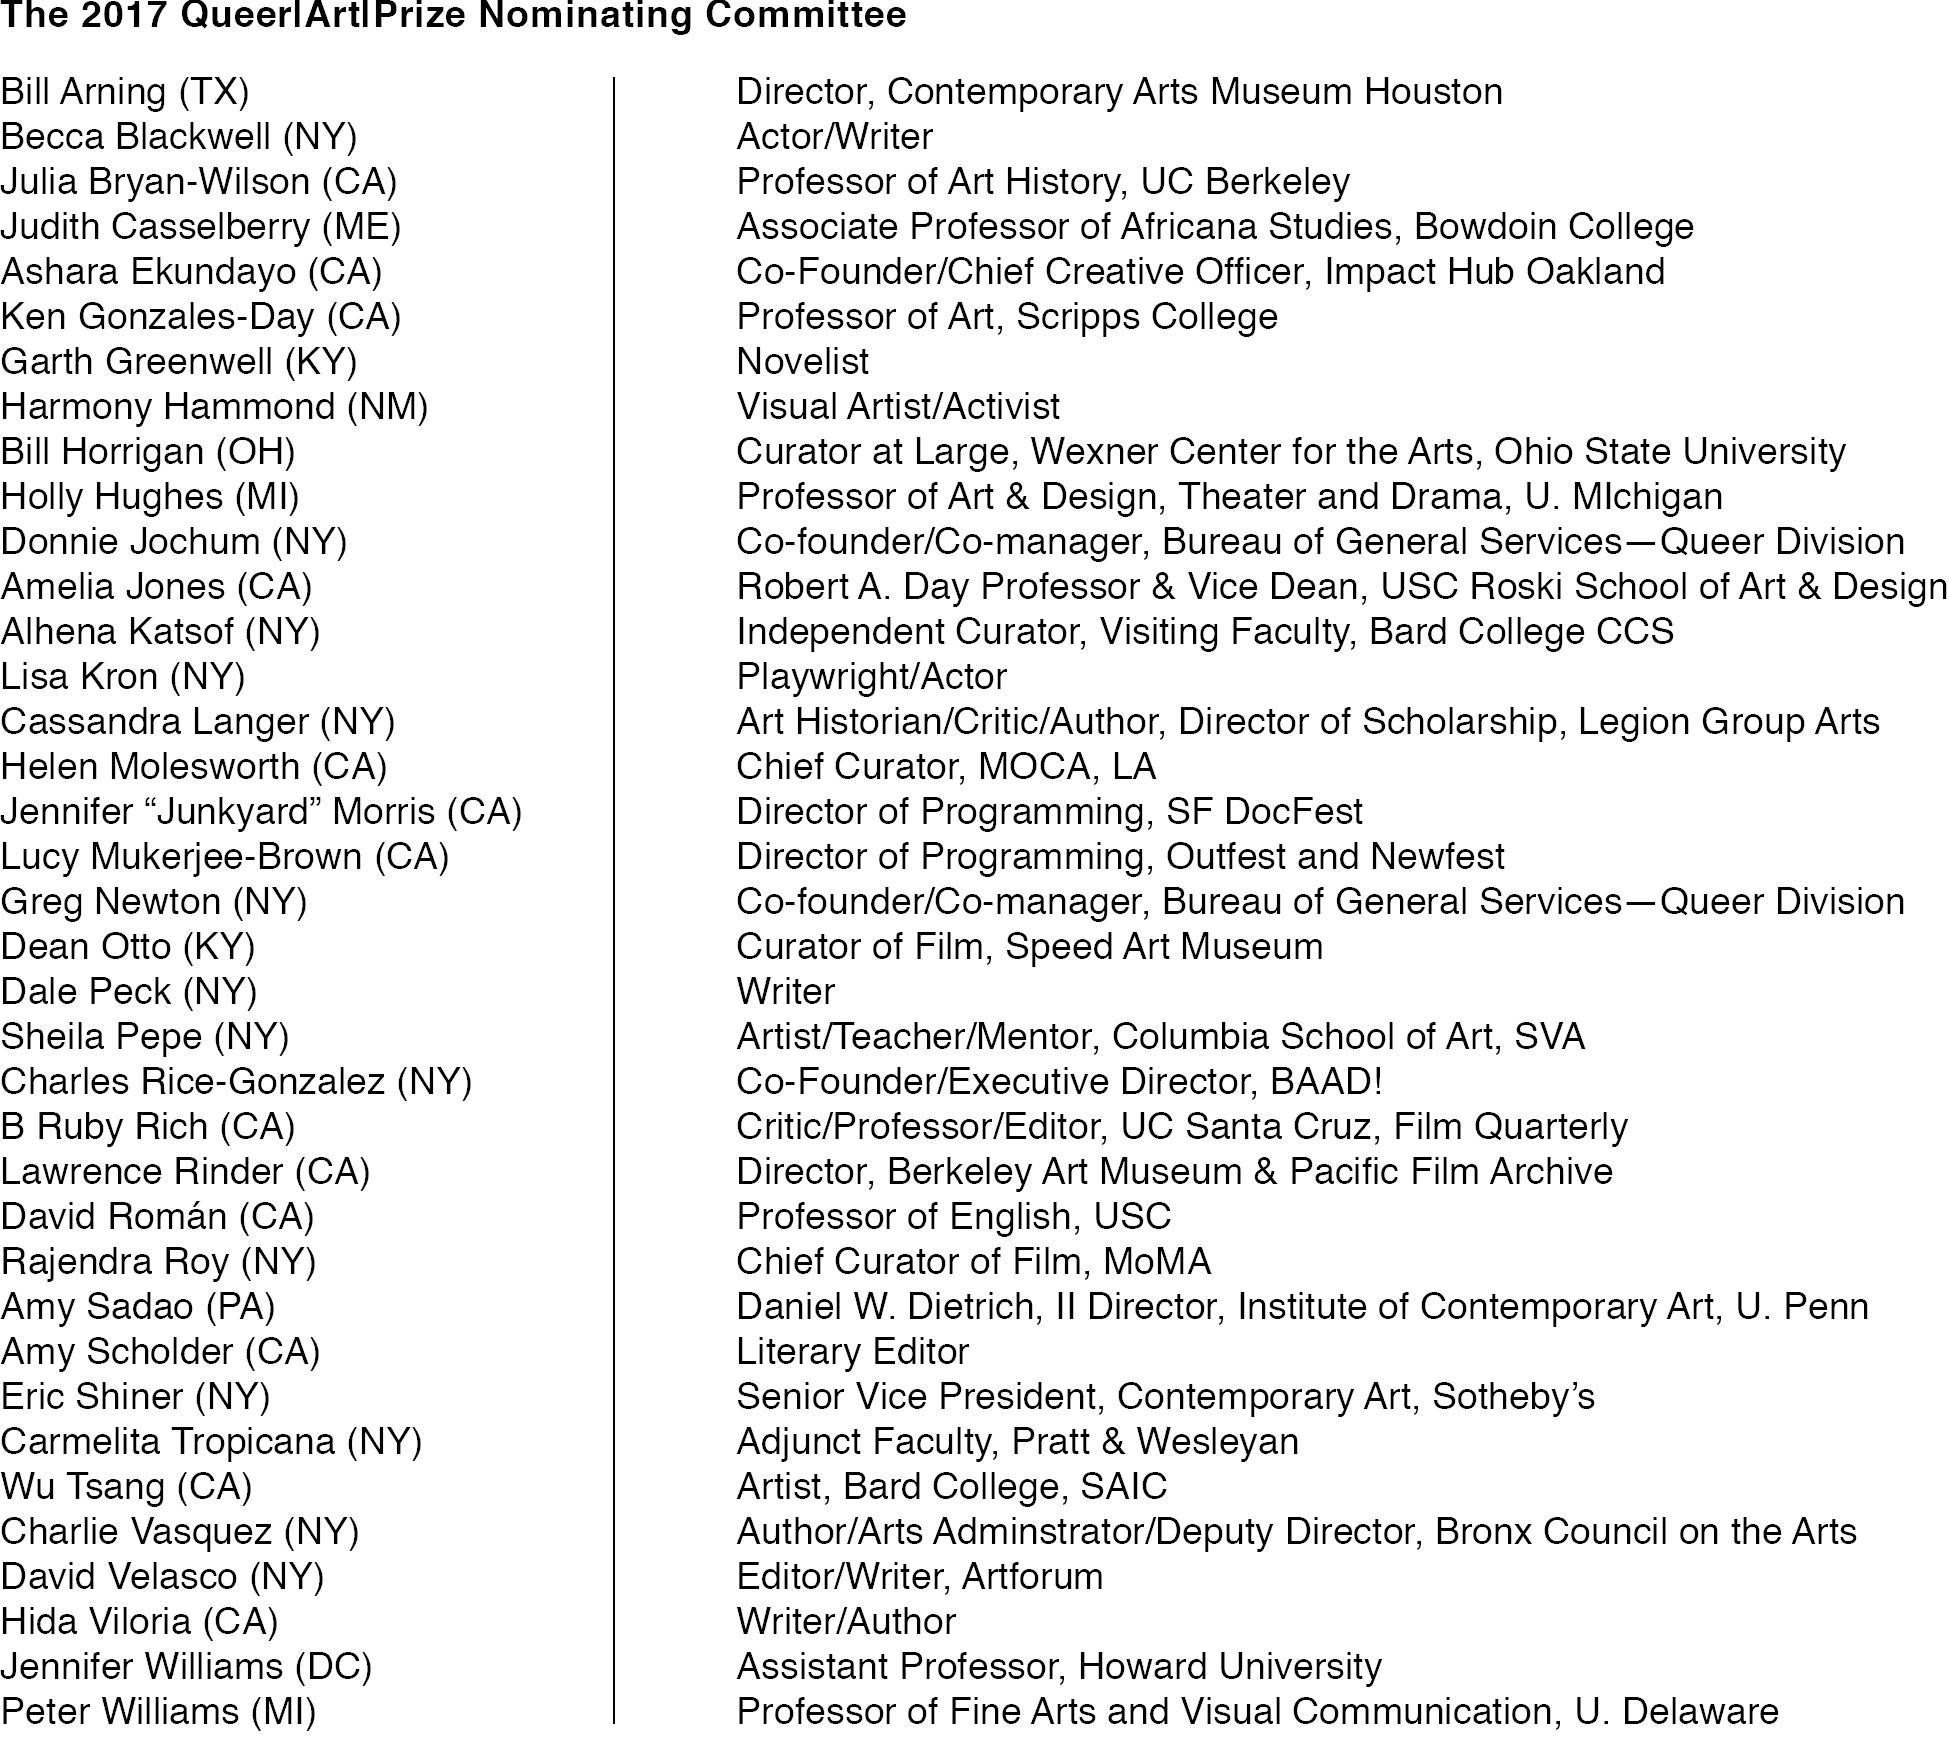 QAP_Nom_Com_List-3.png